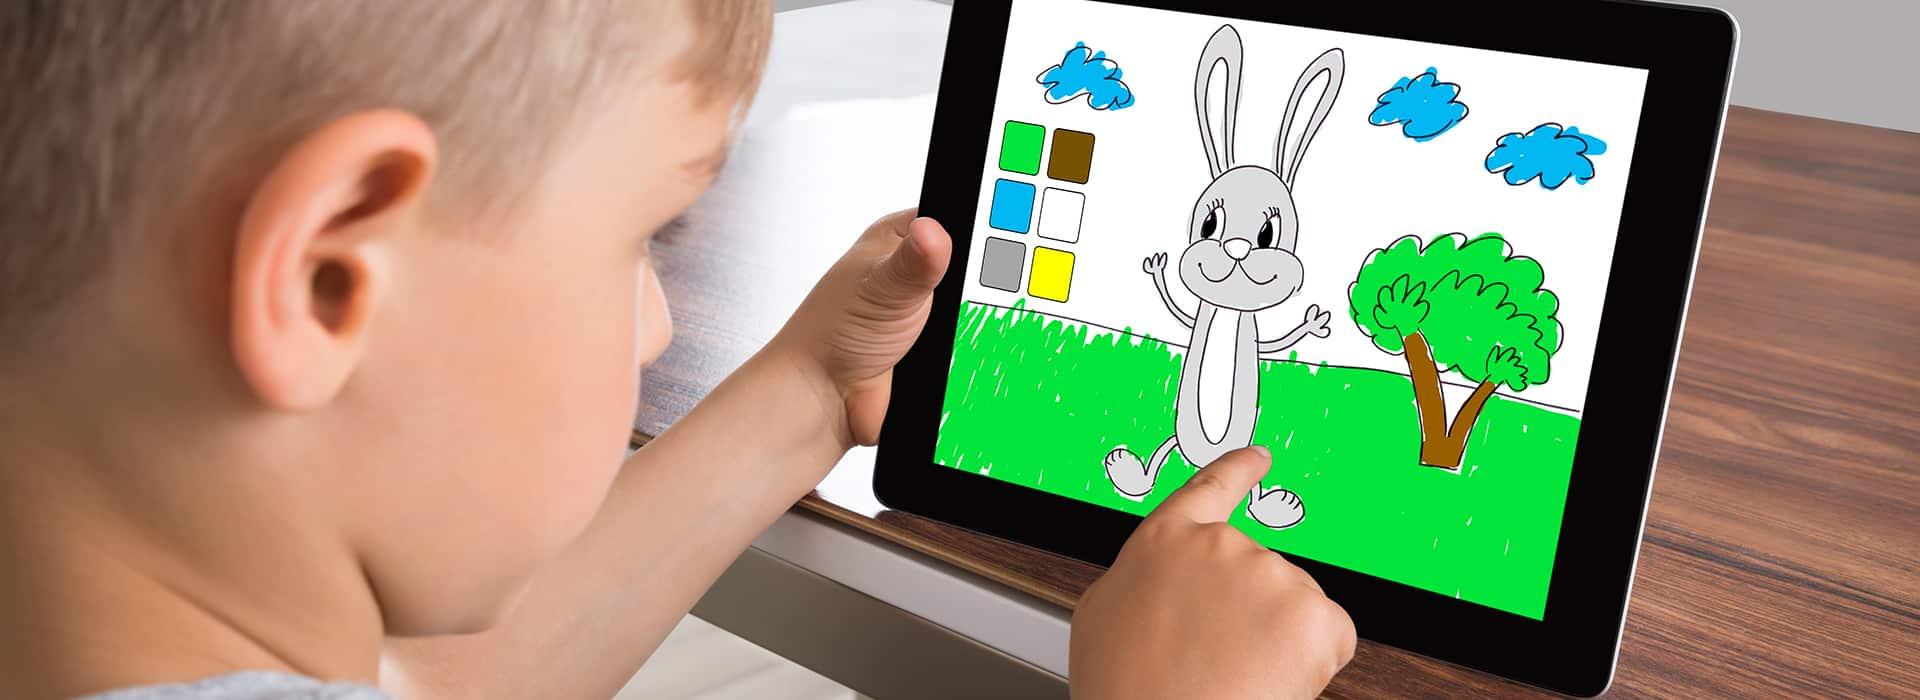 Tablette Enfant : Voici Les Meilleurs Modèles À Offrir En 2020 destiné Tablette Pour Enfant De 4 Ans